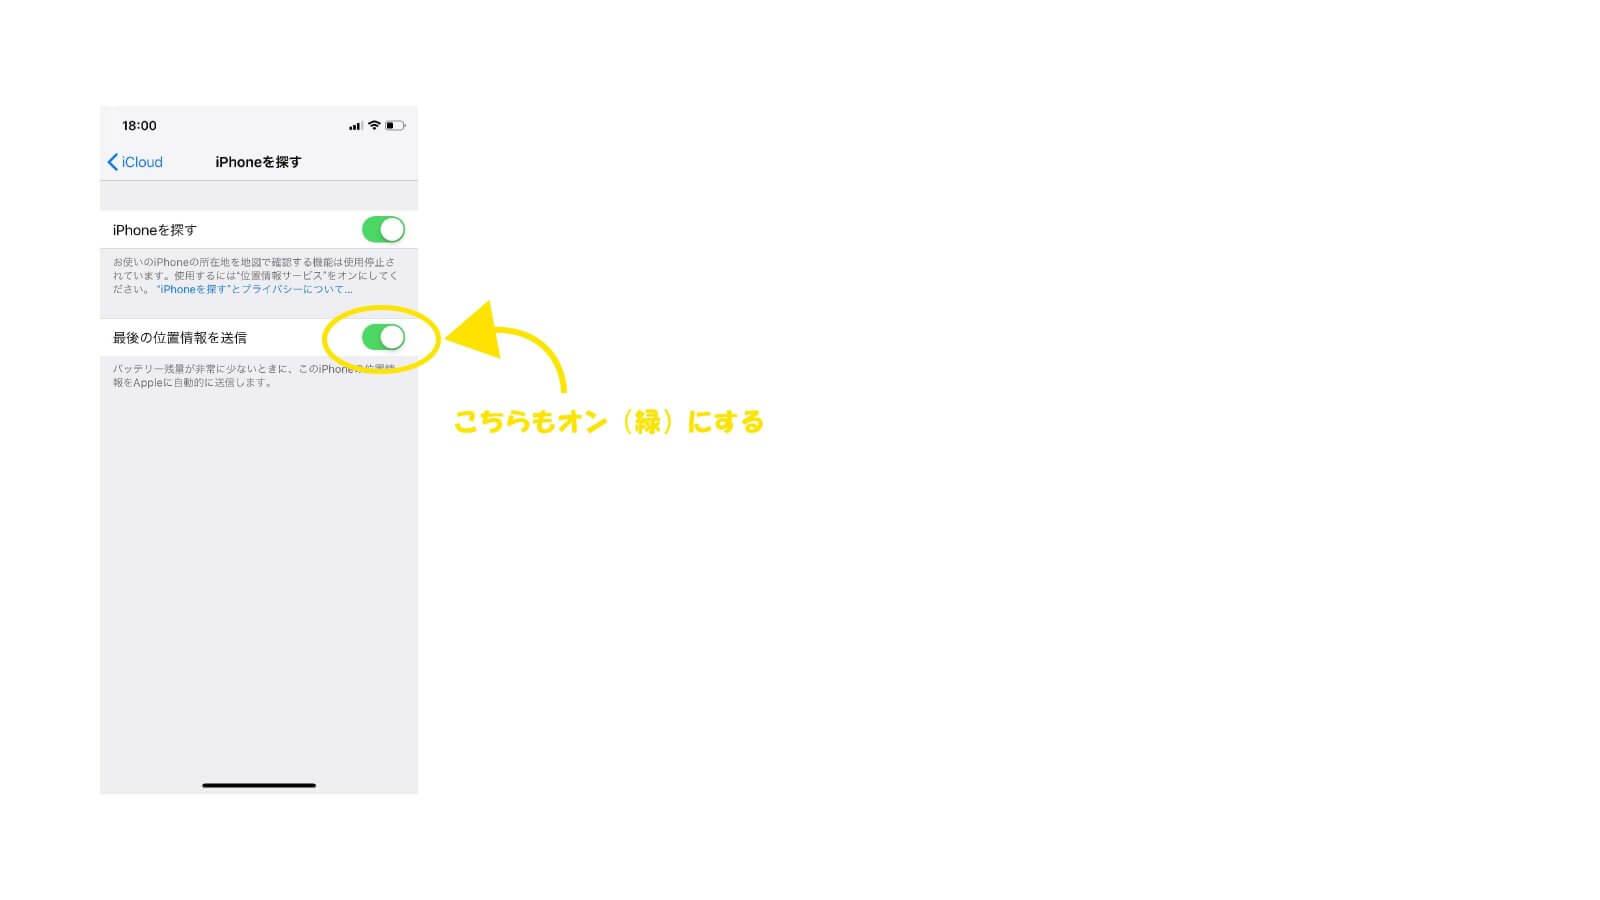 iphone操作。「最後の位置情報を送信」の設定。